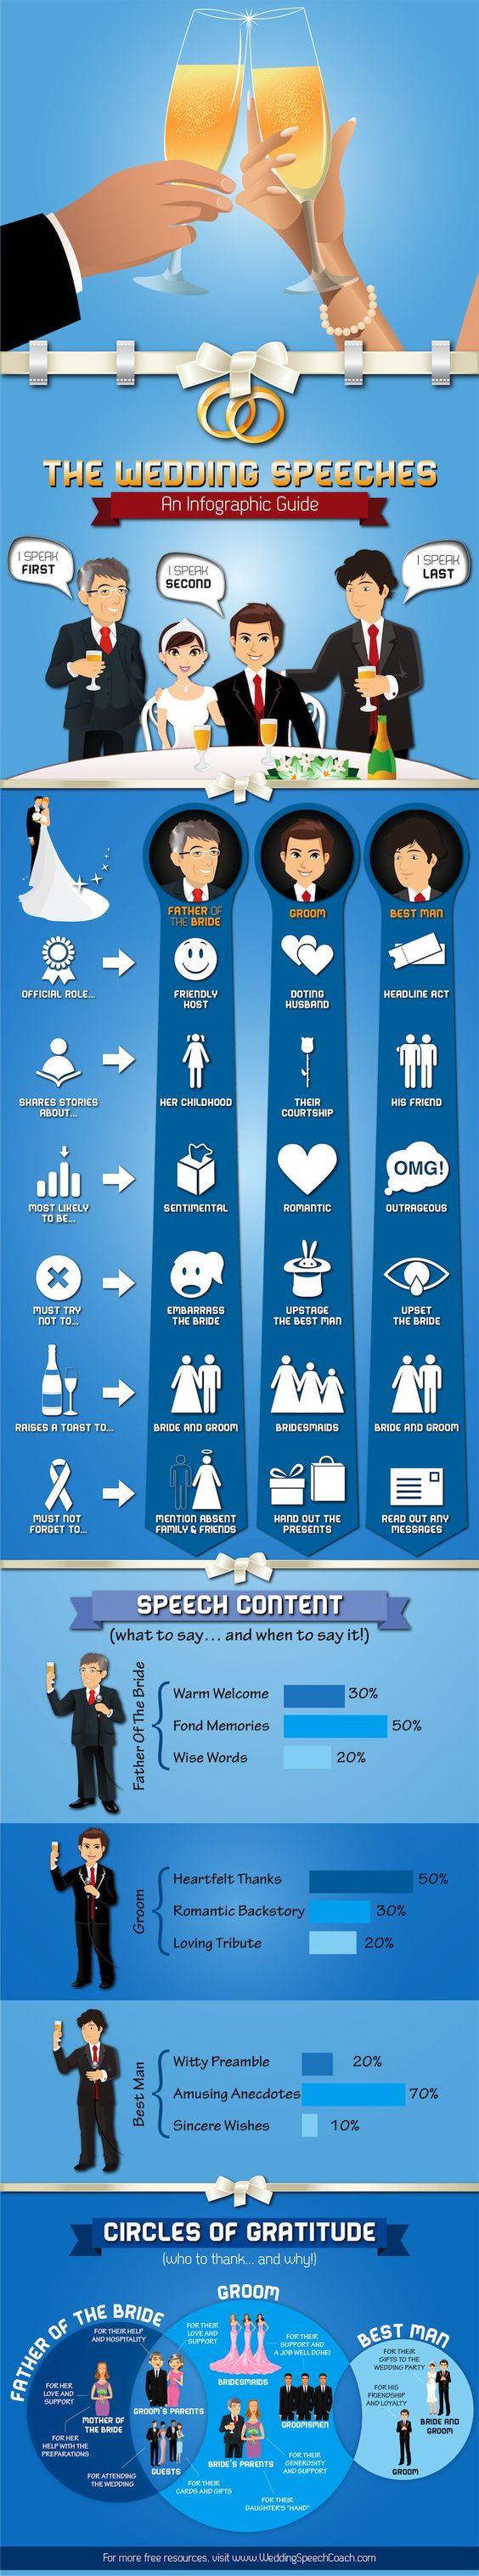 Wedding speeches - http://www.infographicsfan.com/wedding-speeches-2/